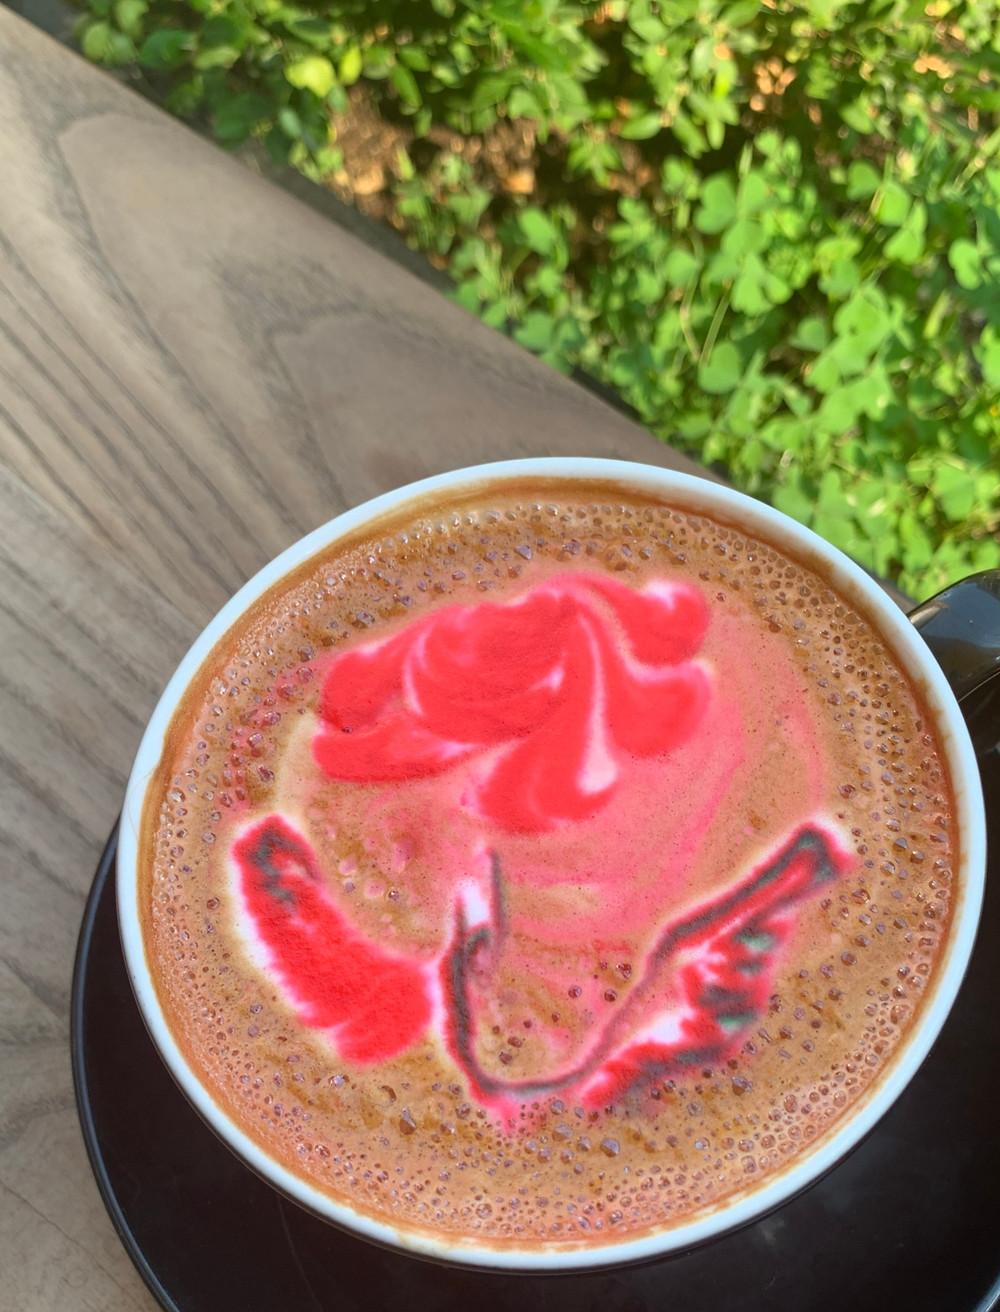 Versus Coffee Toronto best latte art Instagram cafe